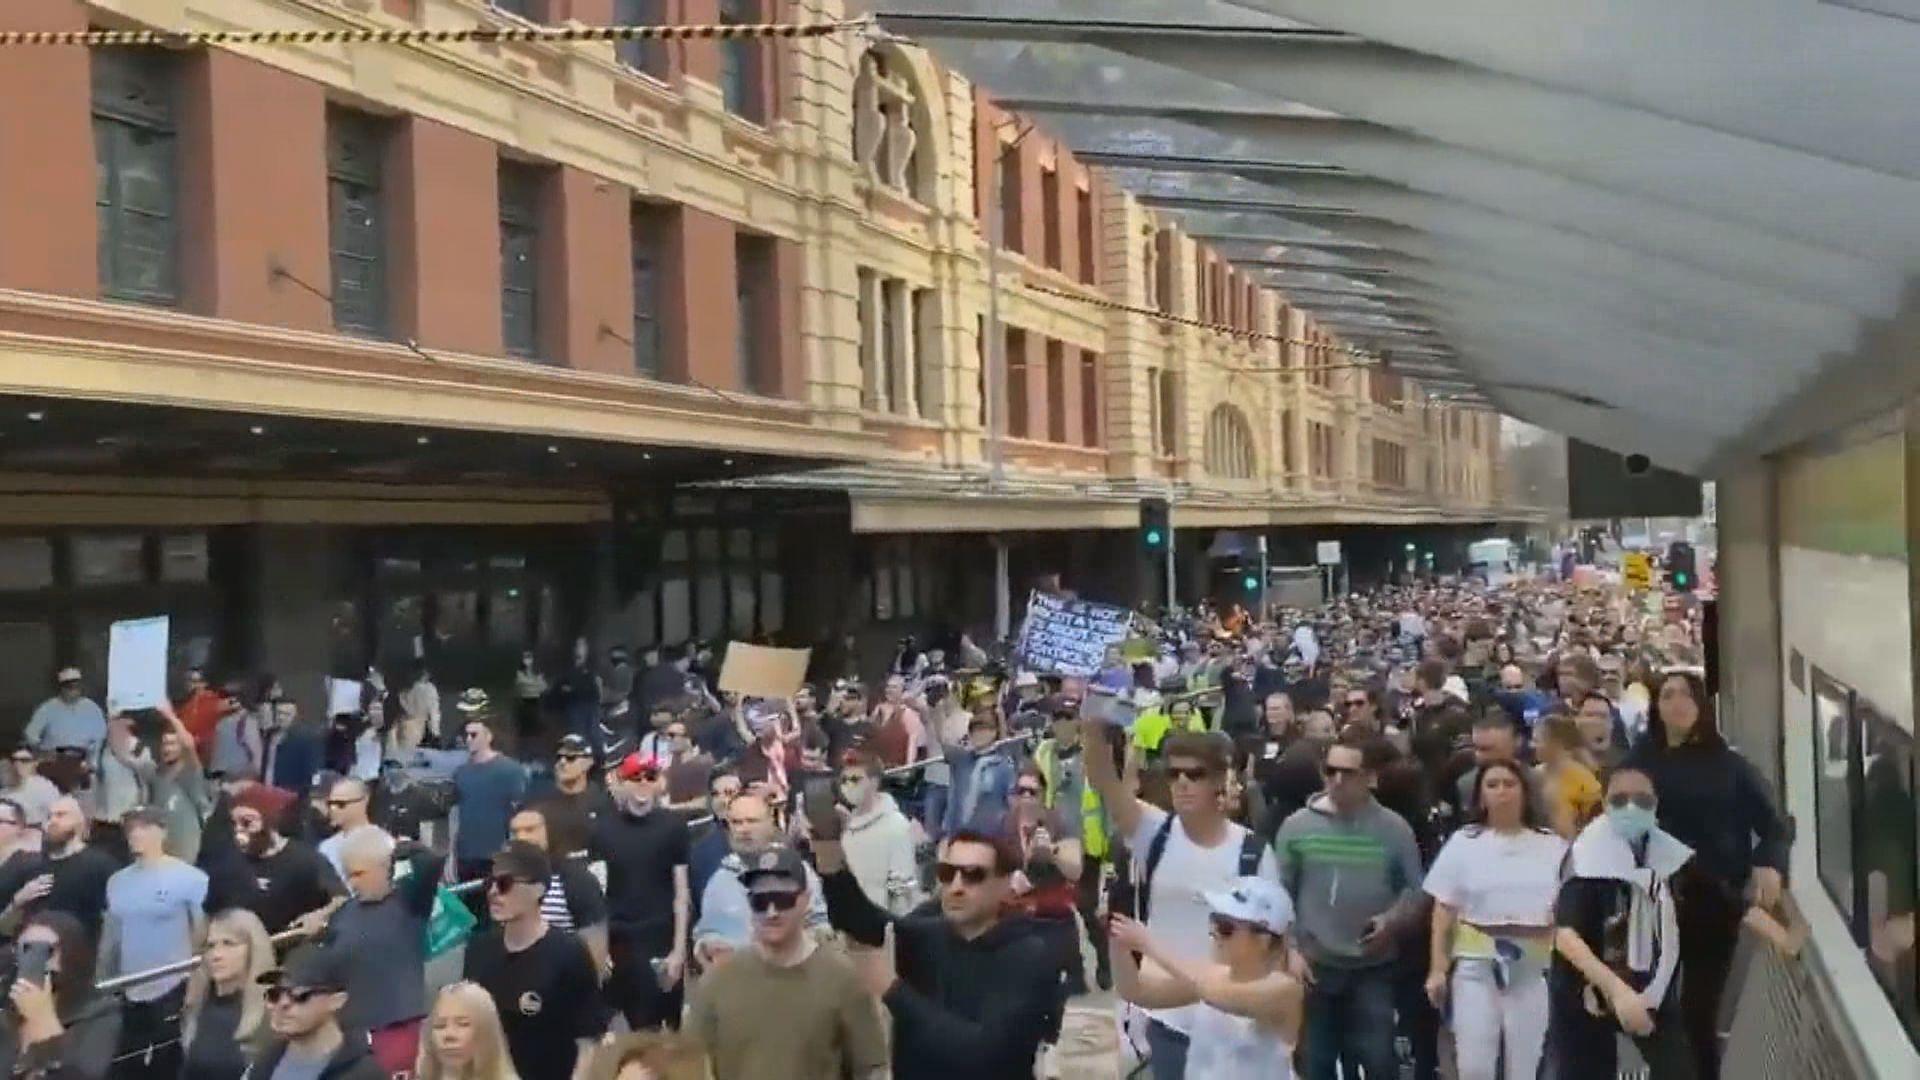 澳洲新冠病毒單日確診創新高 多地有民眾上街反對封城